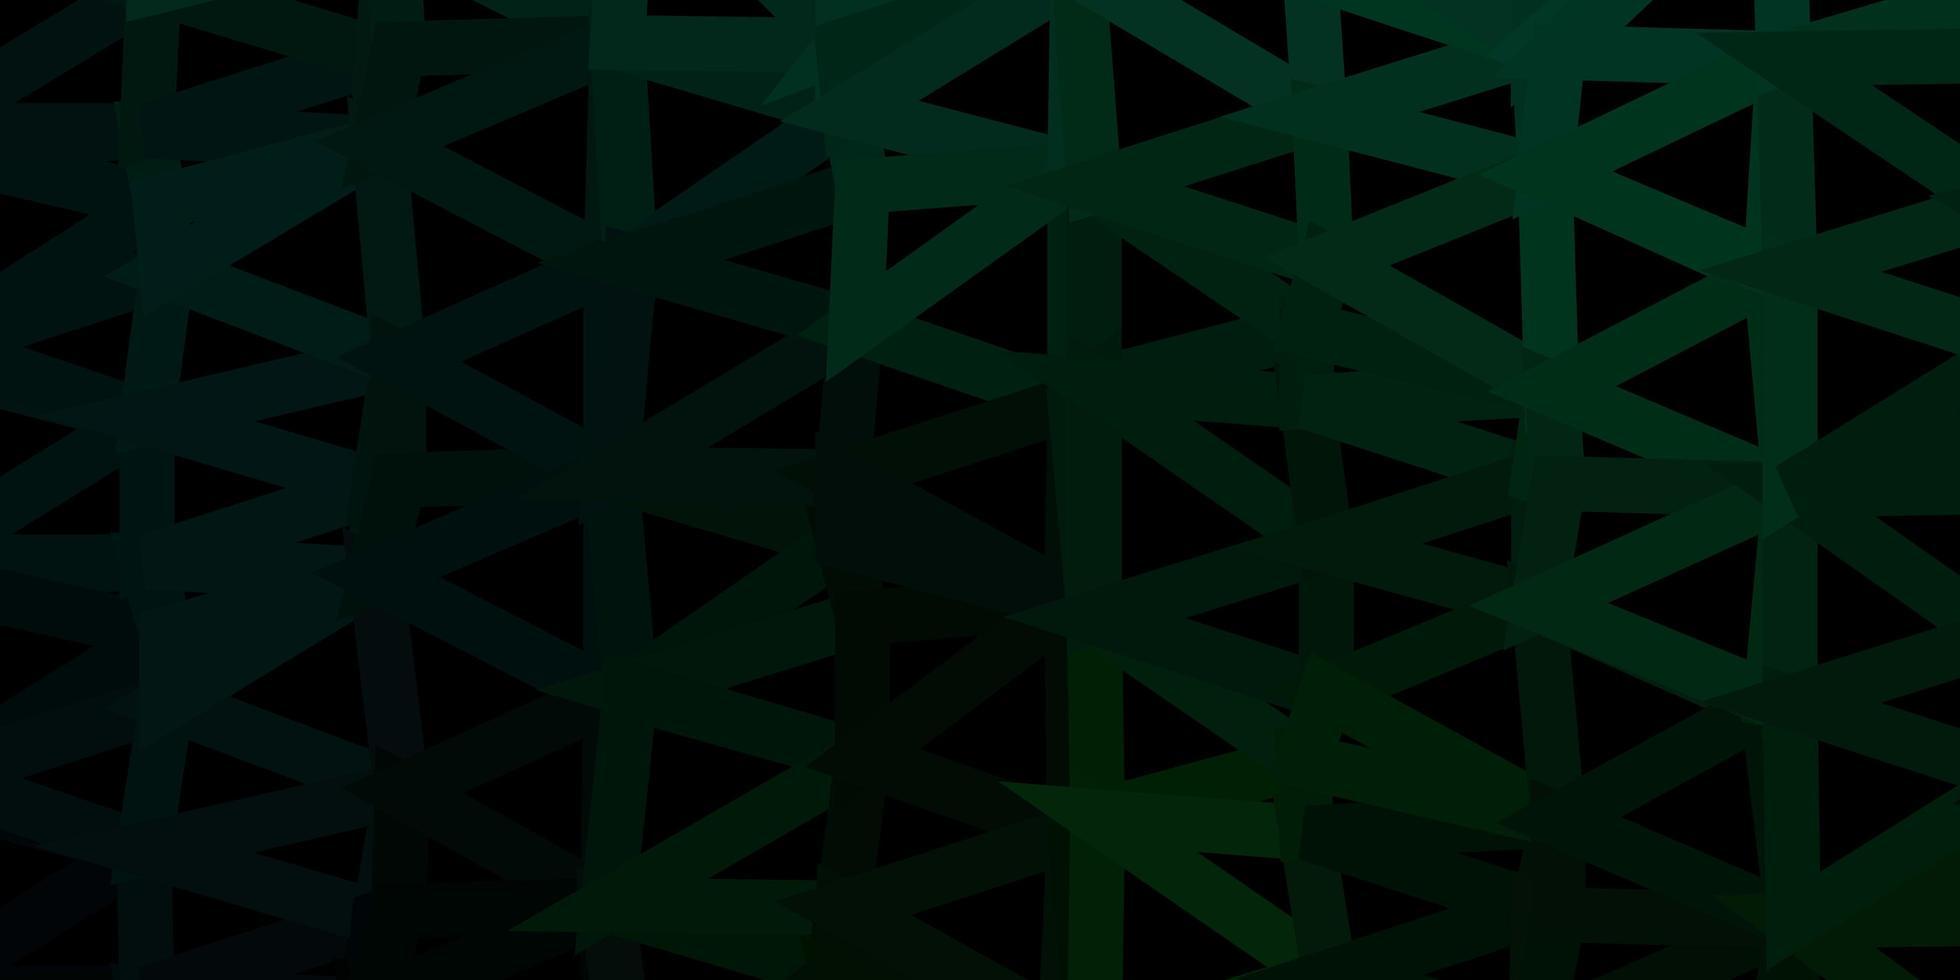 carta da parati poligonale geometrica di vettore verde scuro.